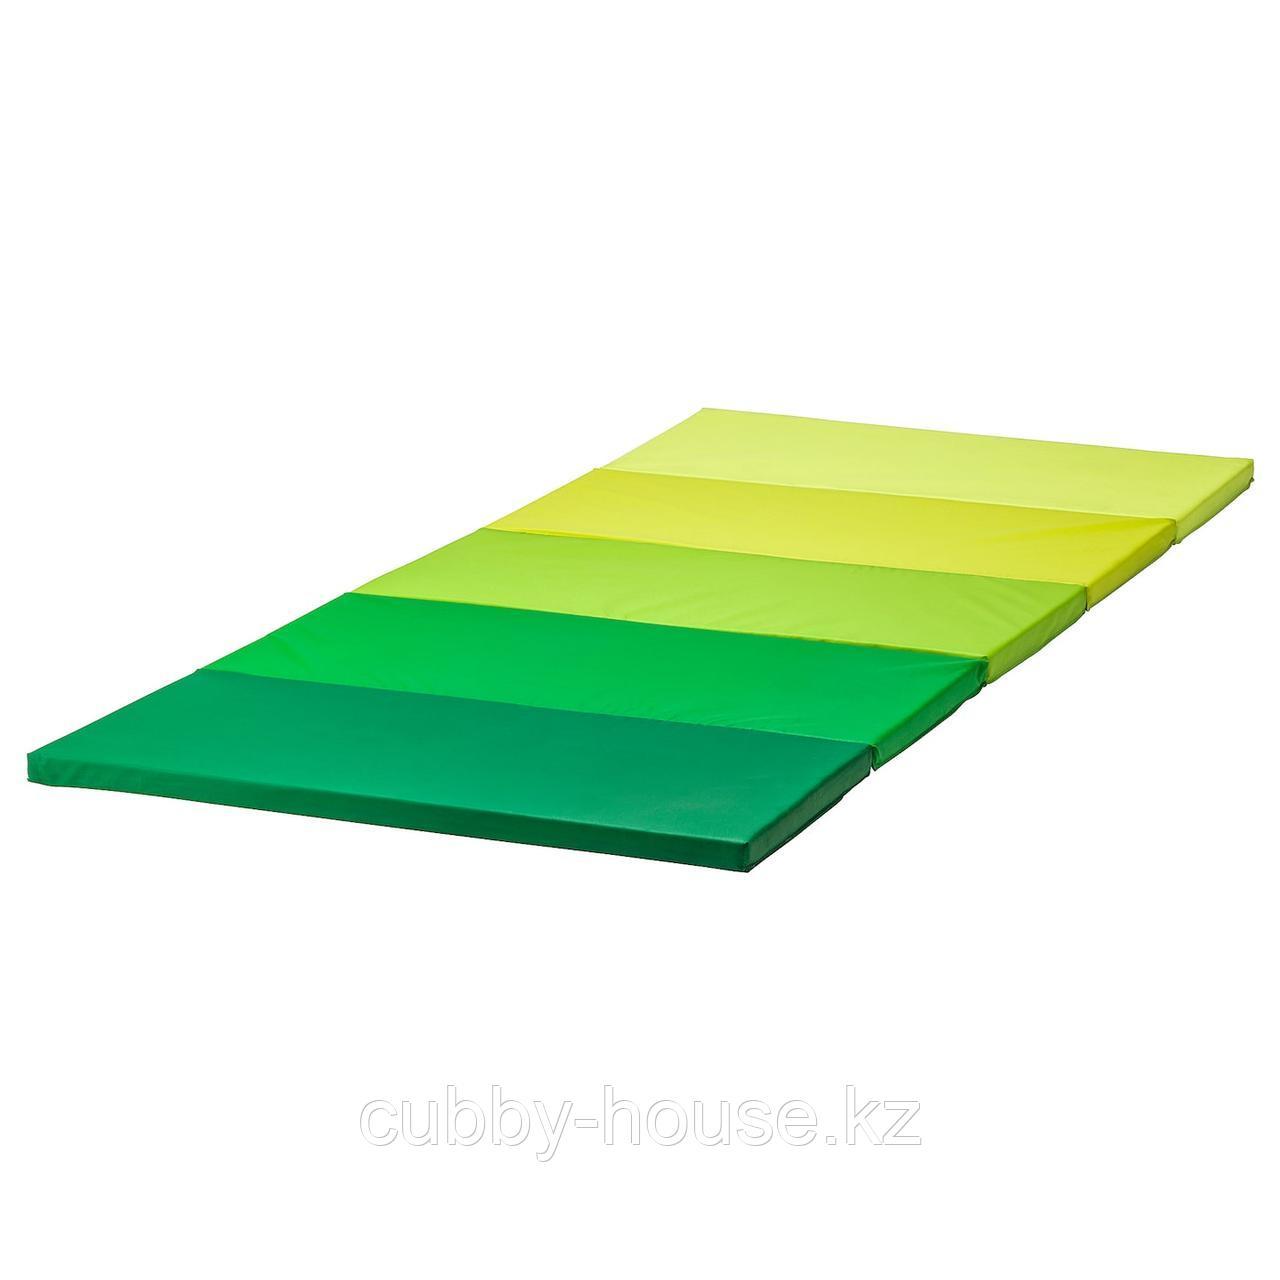 ПЛУФСИГ Складной гимнастический коврик, зеленый, 78x185 см